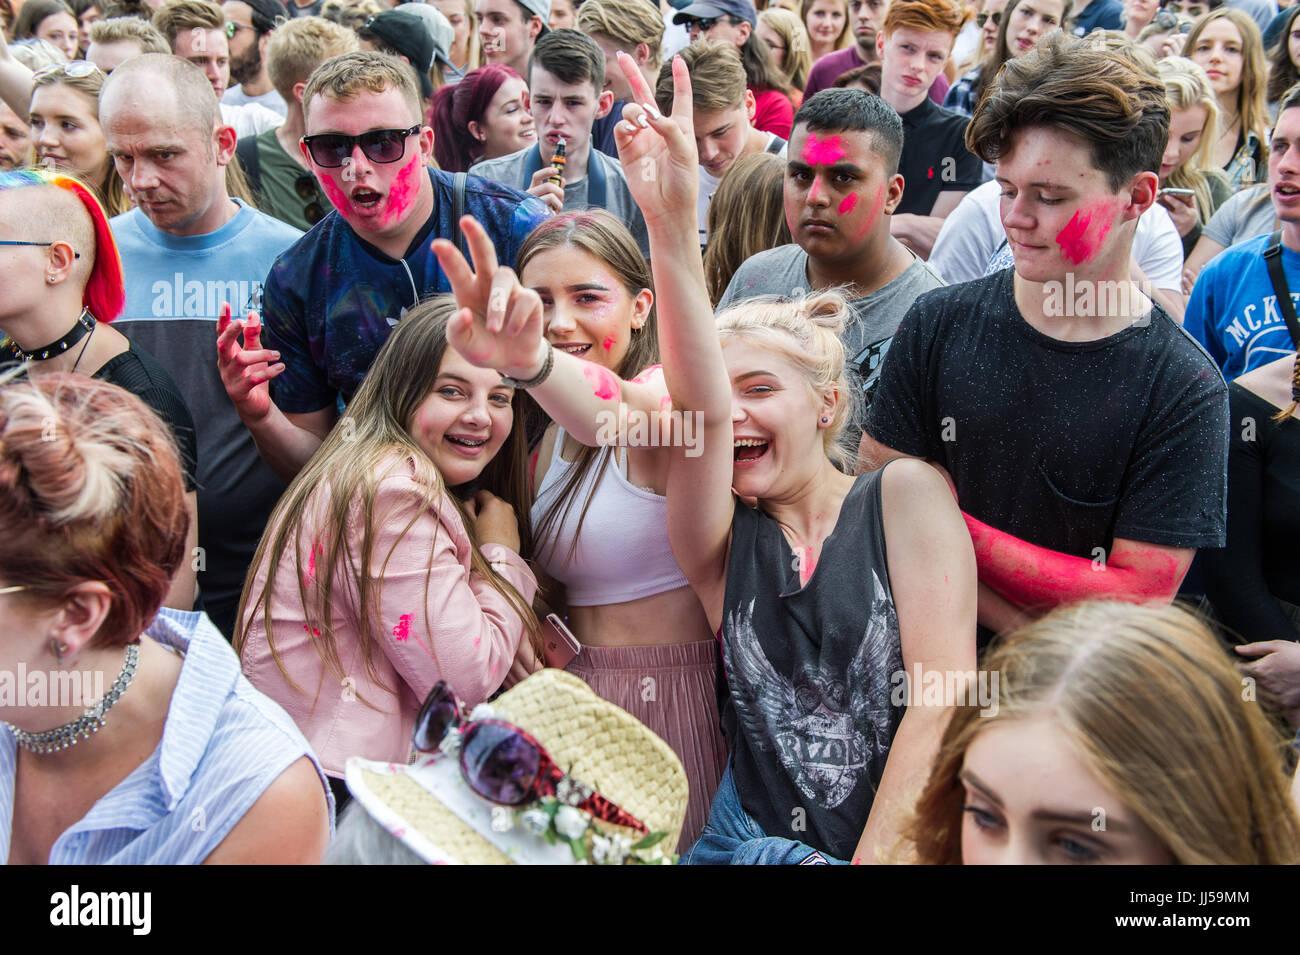 Los fans de la música adolescente femenina posan para la cámara durante el 2017 godiva music festival, Imagen De Stock